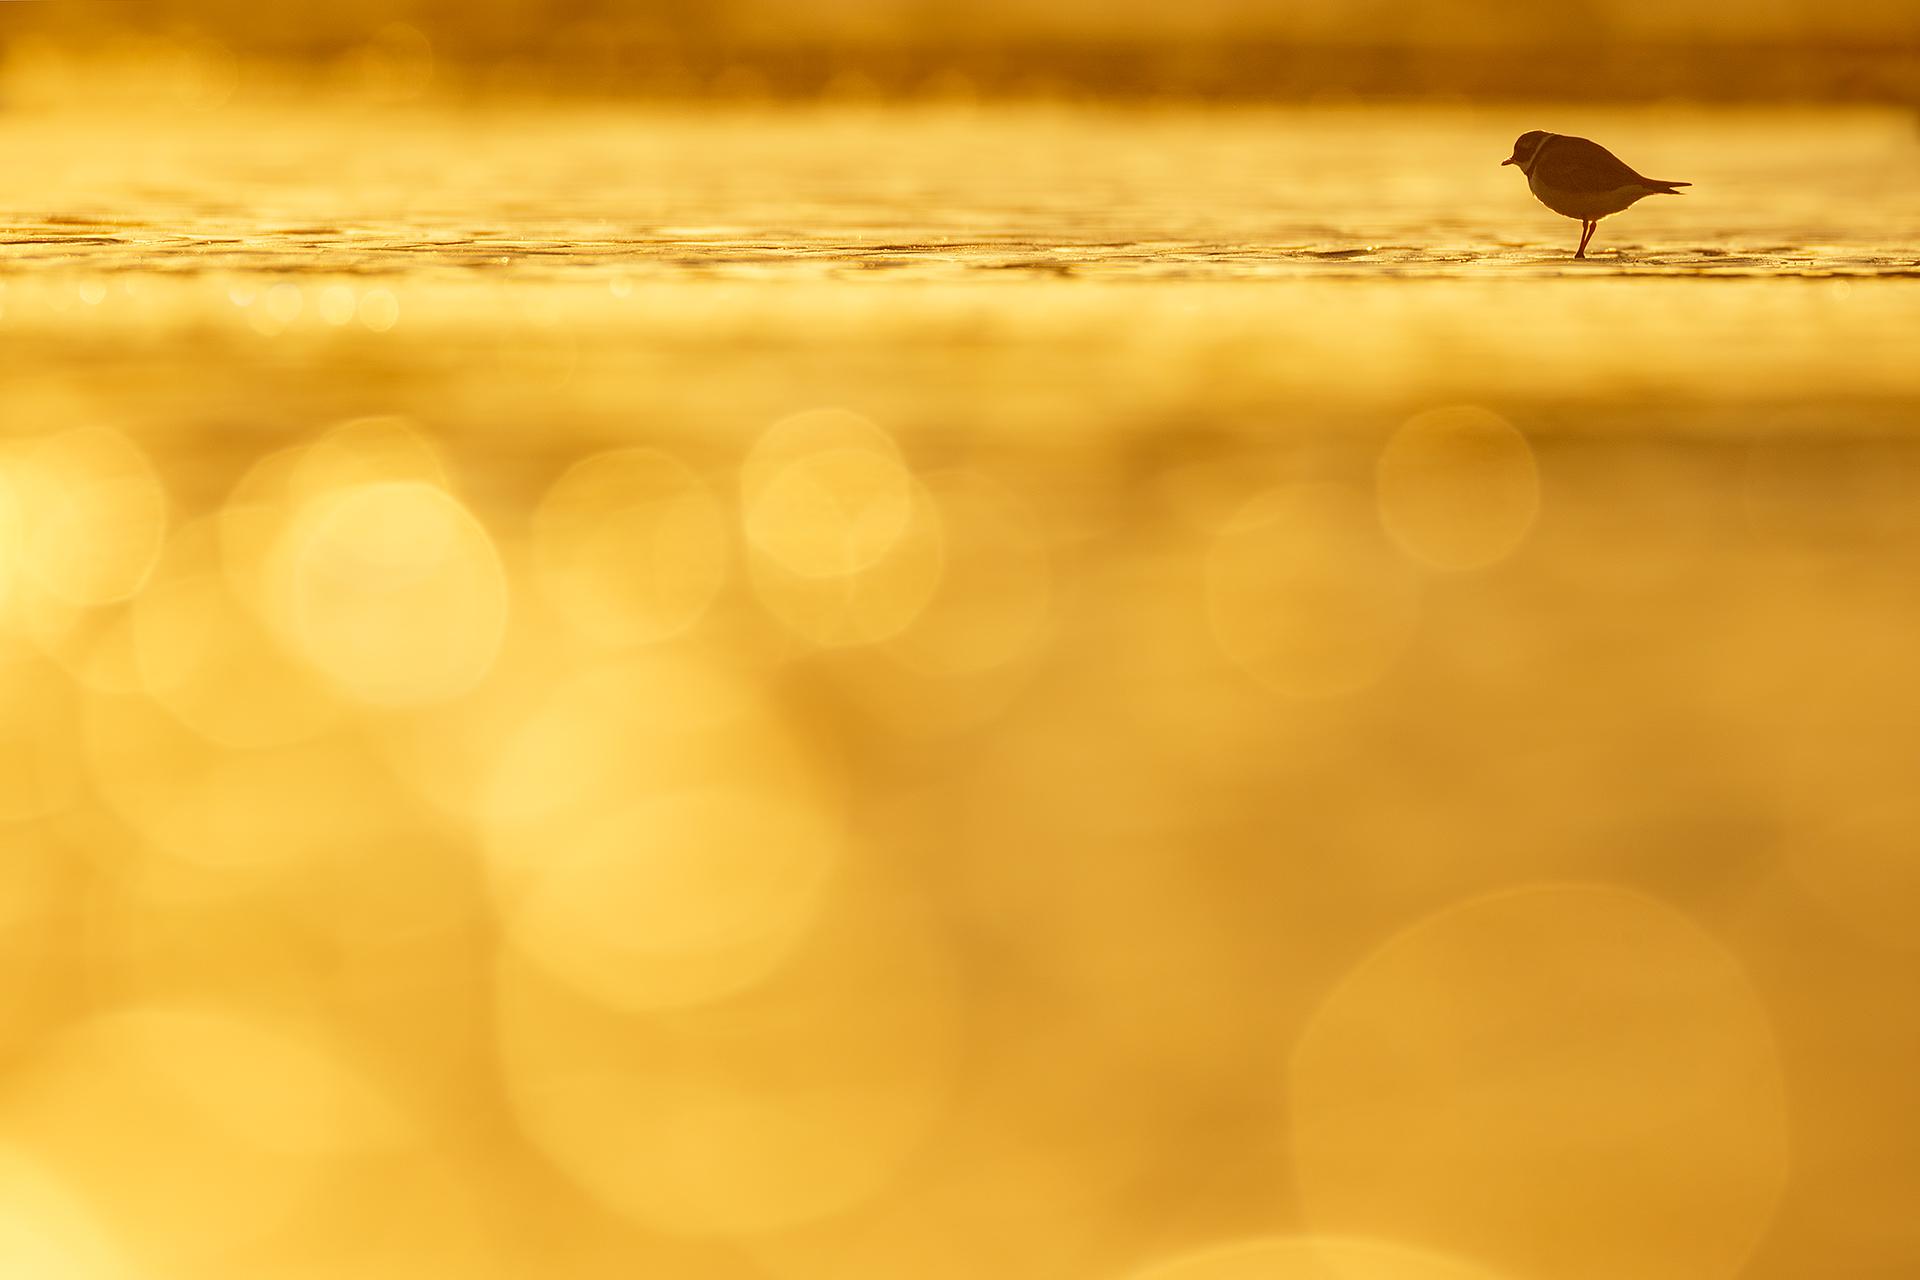 King of the shore - Mario Suarez - Portfolio Natural, Fotografía de Naturaleza de Autor